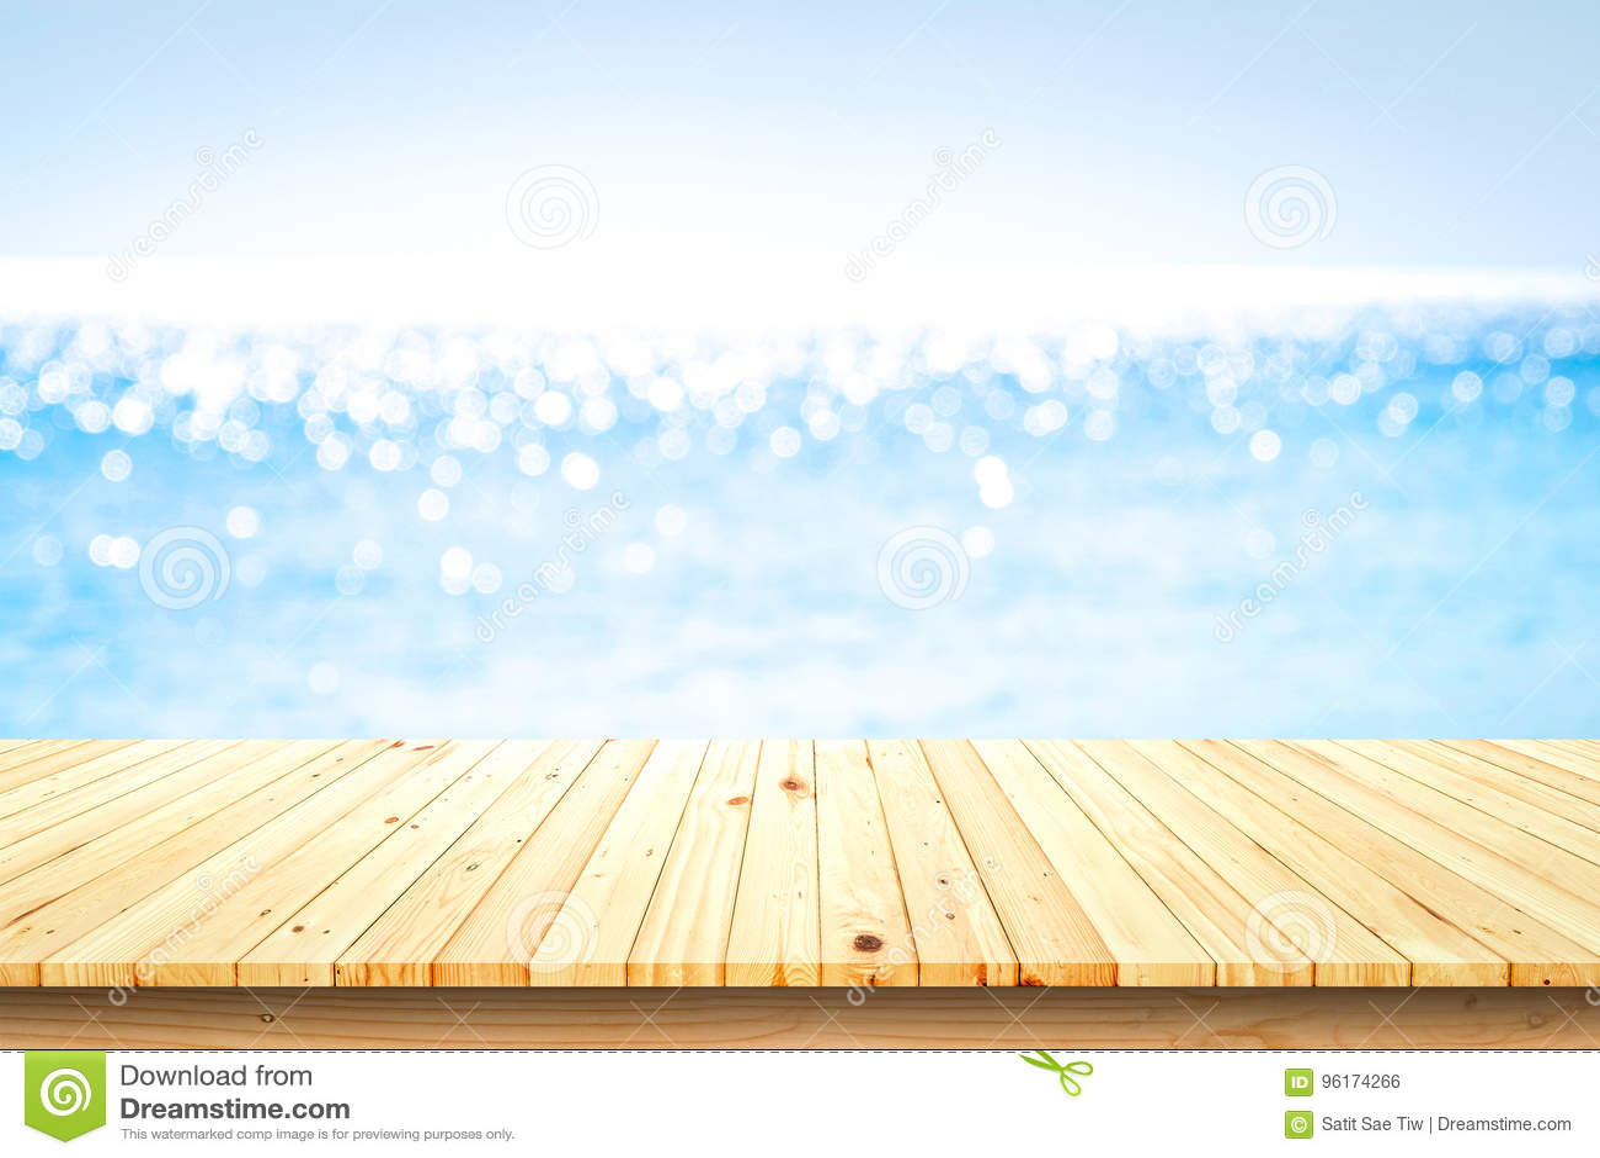 Ξύλινη επιτραπέζια κορυφή στο θολωμένο υπόβαθρο θάλασσας